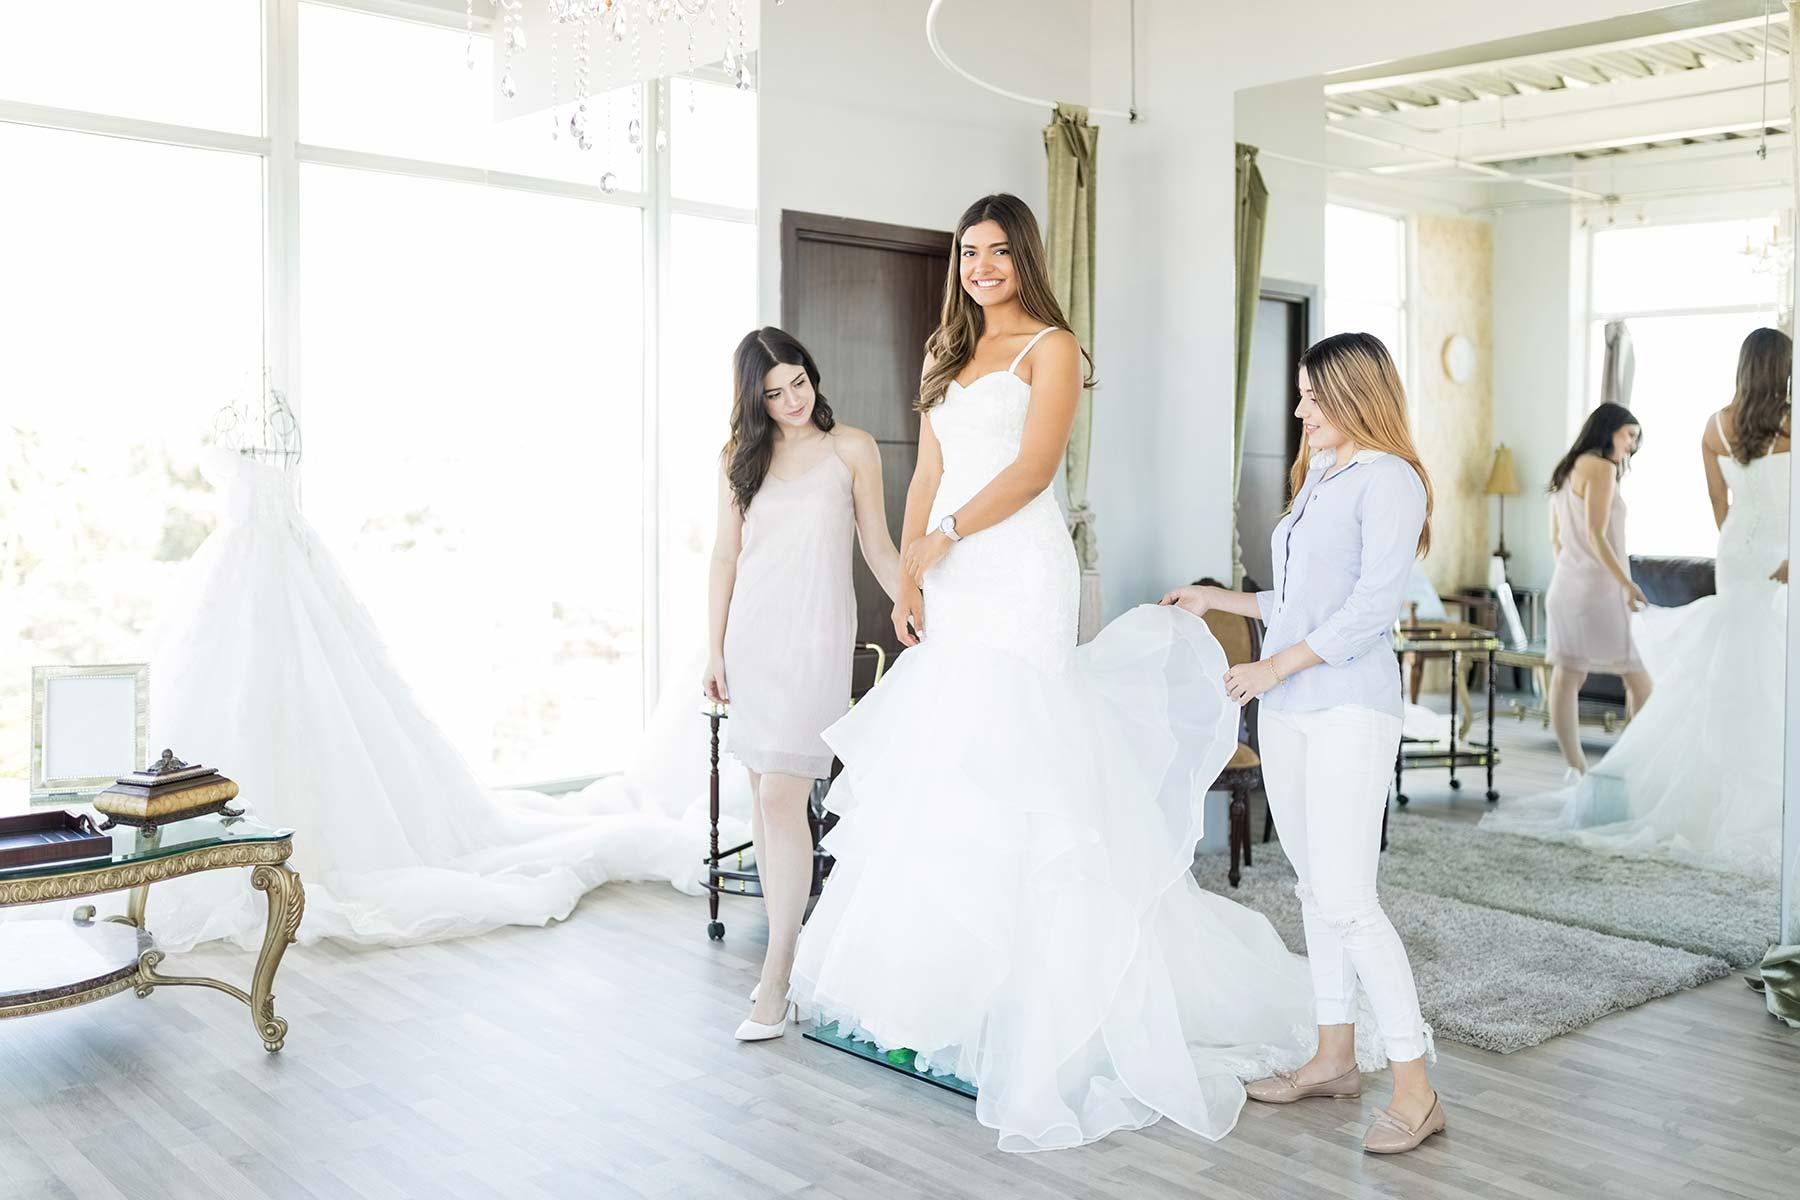 Brautkleid für den Tag der Hochzeit finden